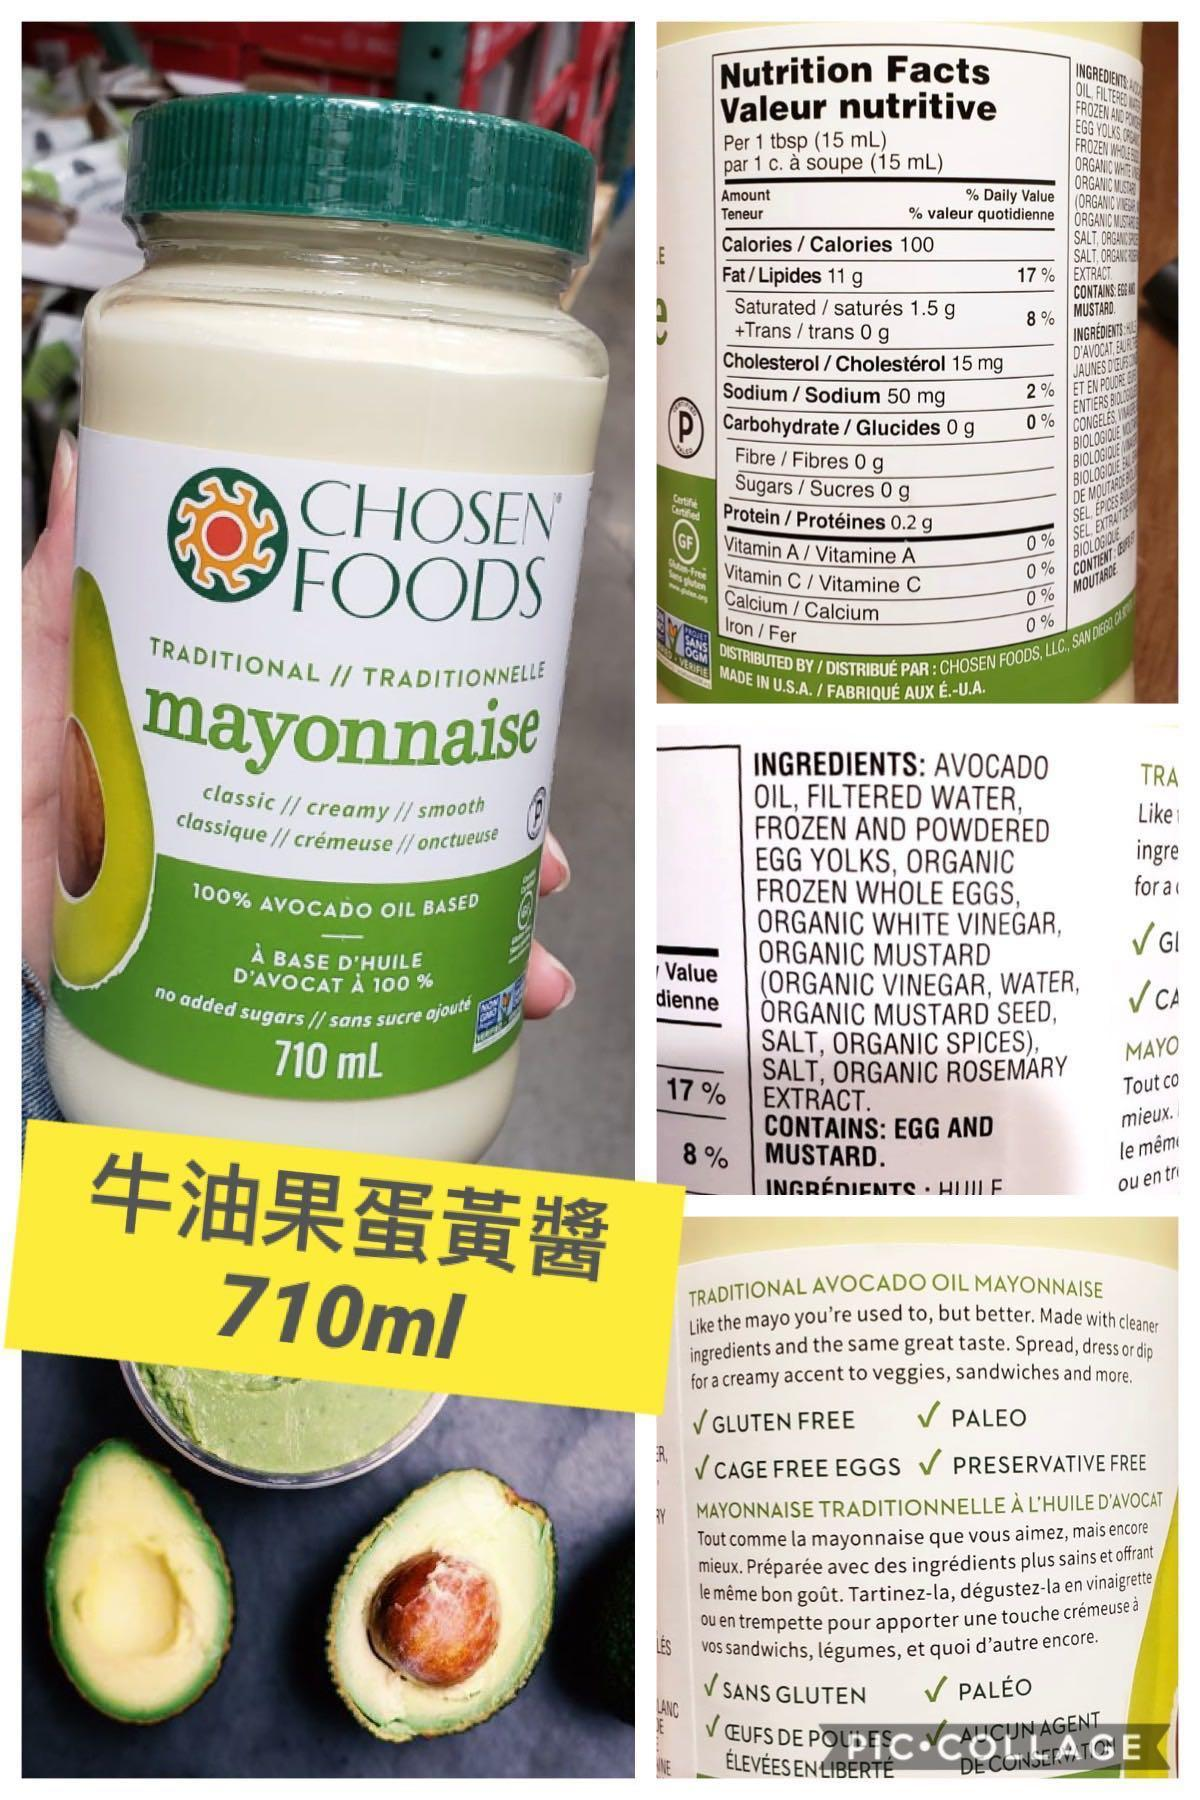 無糖牛油果油蛋黃醬🥑 Chosen Foods Avocado Oil Mayonnaise 生酮